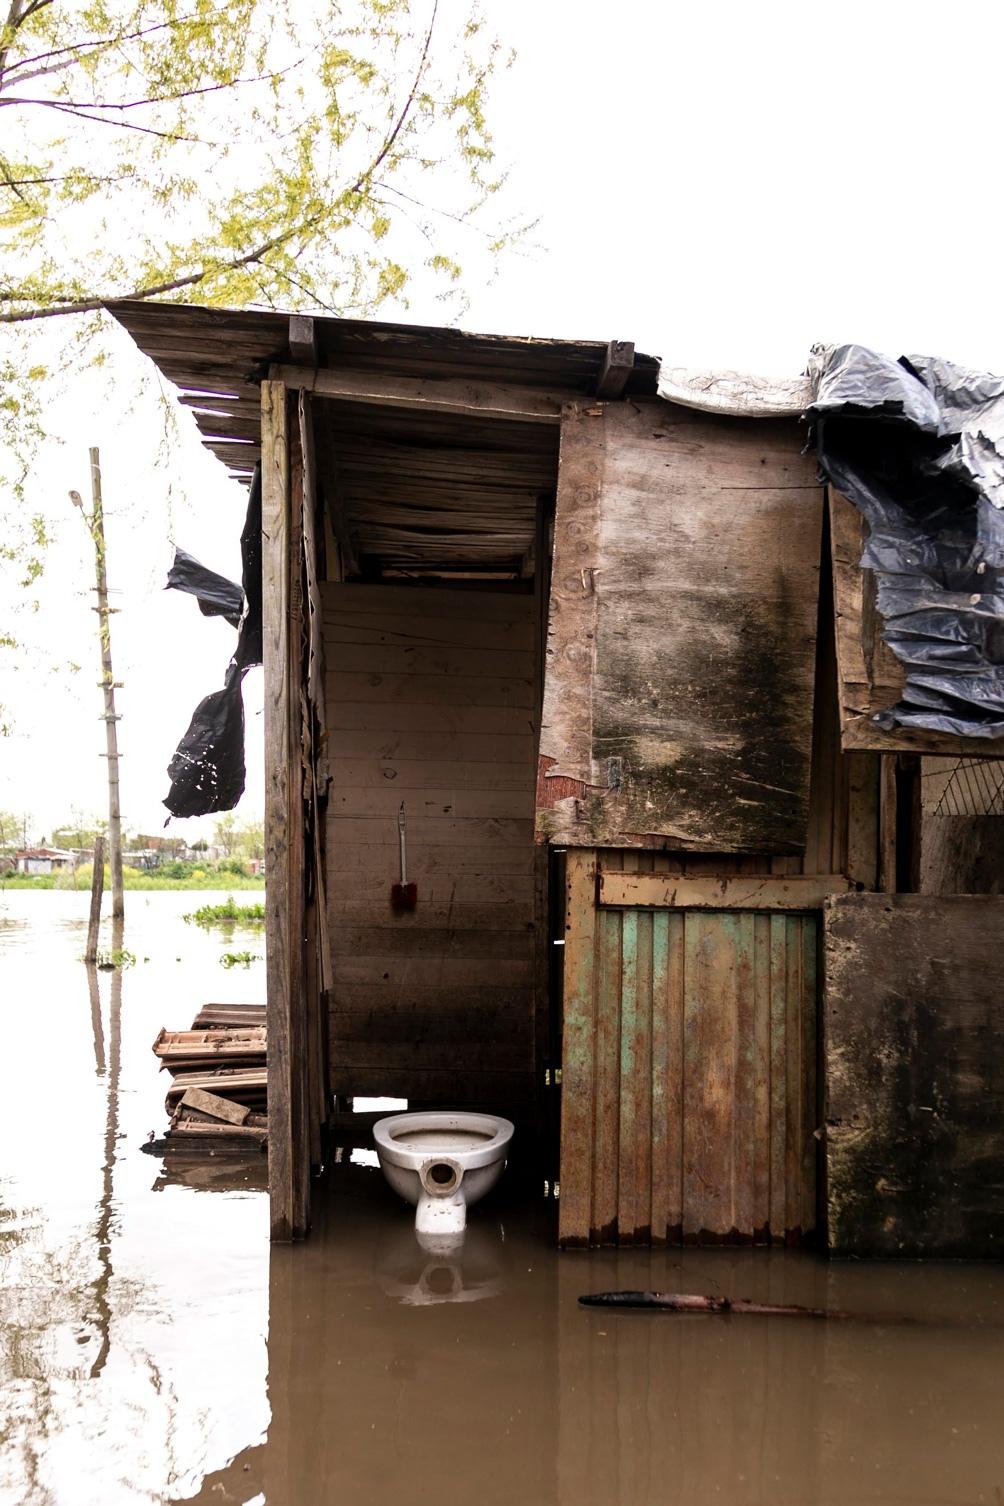 Un baño externo durante una inundación, uno de los problemas frecuentes.